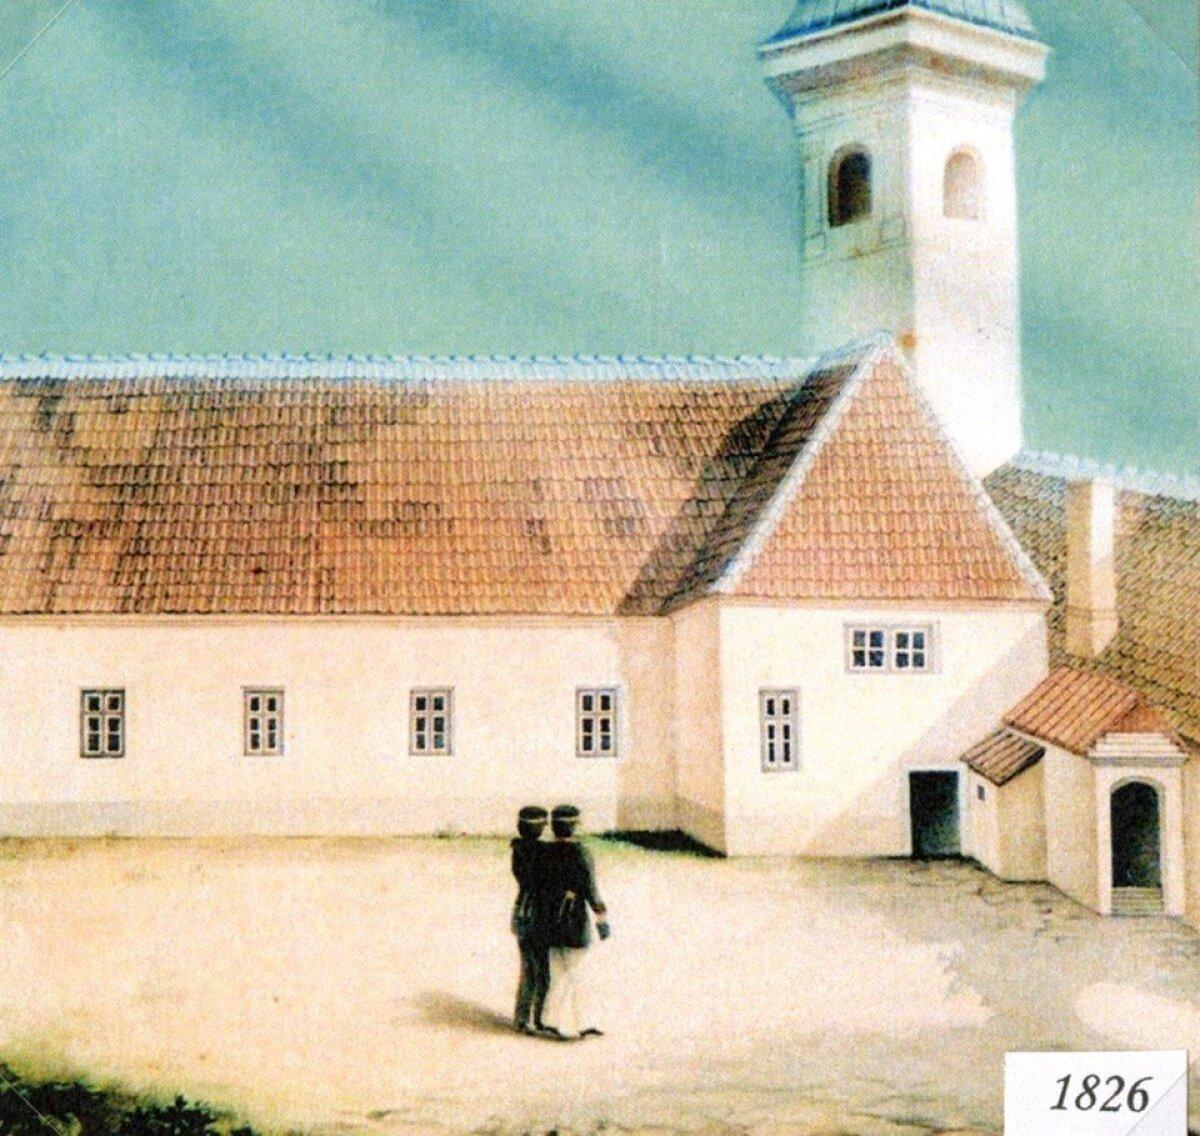 Tallinna Kubermangugümnaasiumi hoone 1826. aastal. Toona oli koolimaja säilitanud veel keskaegse ilme.